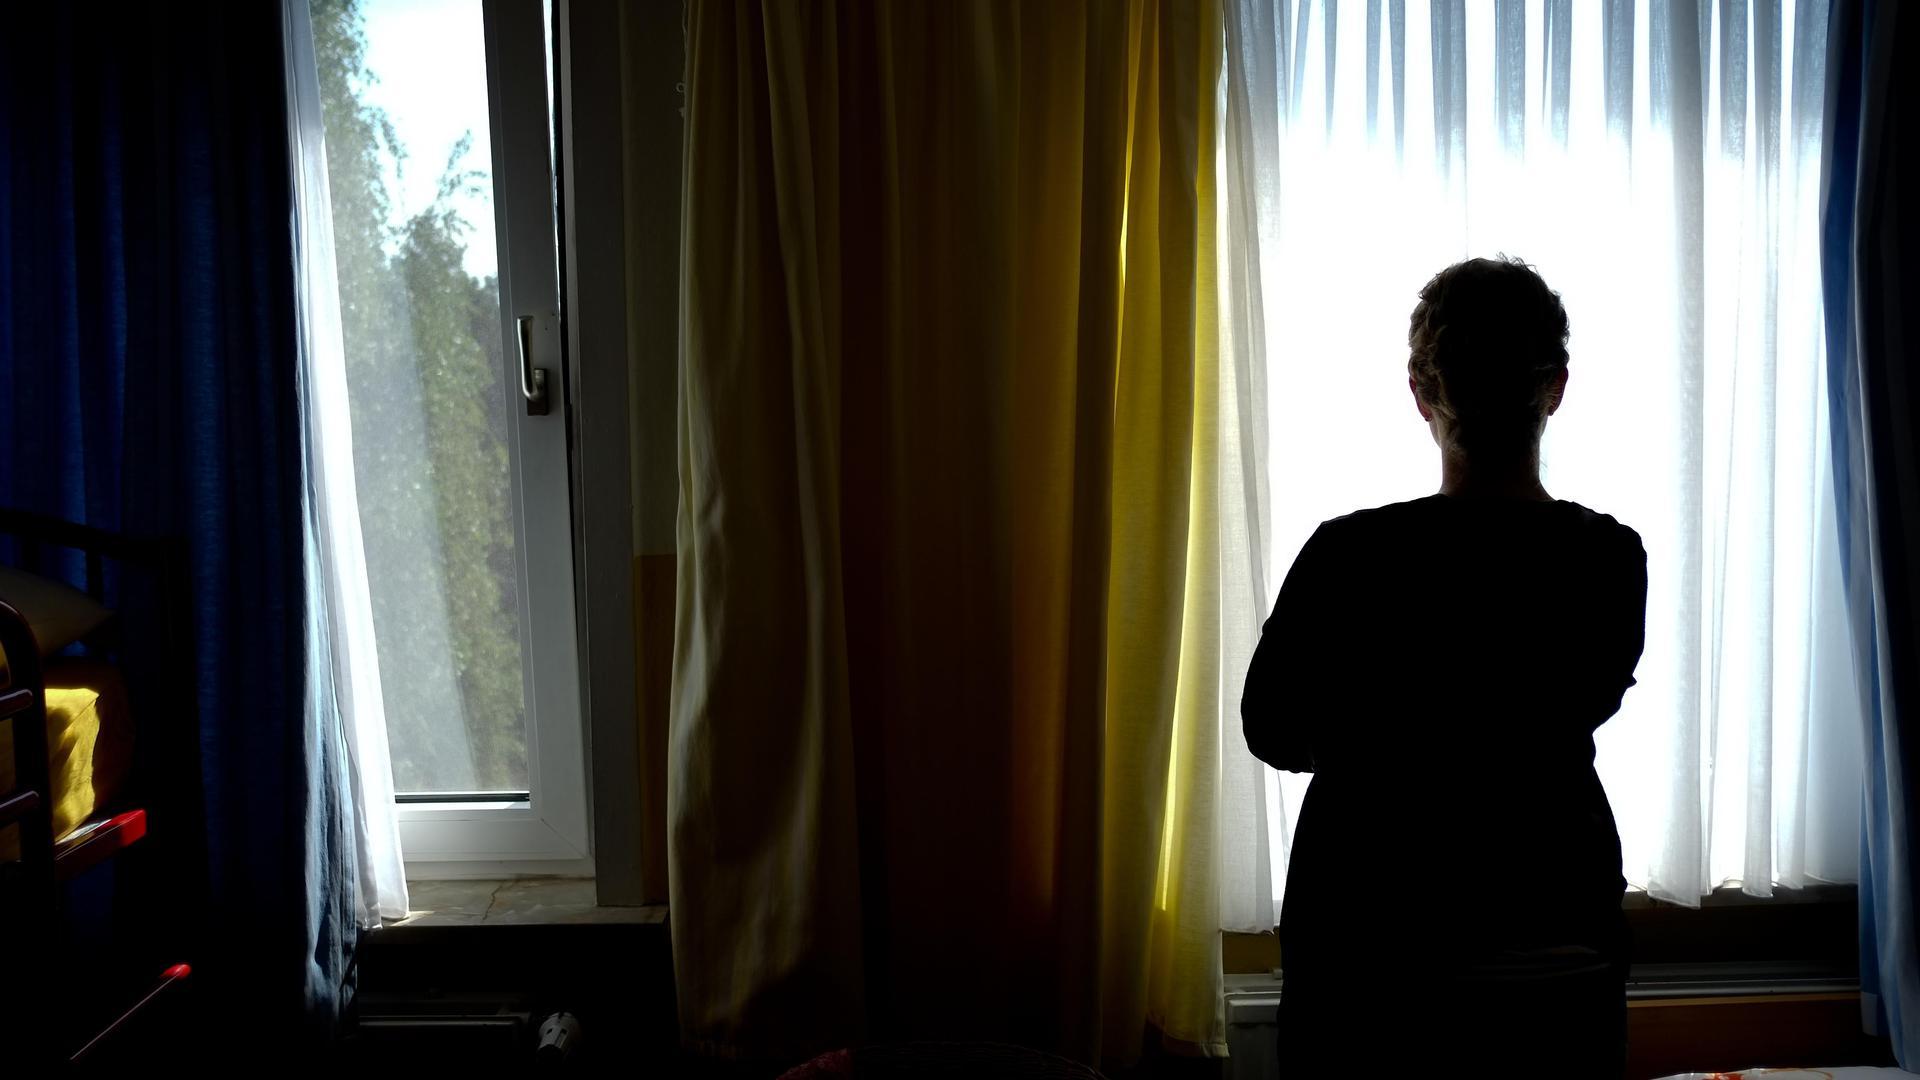 """ARCHIV - ILLUSTRATION - Eine junge Frau posiert am 28.08.2013 in einem Zimmer in einem Haus in Nienburg. Foto: Peter Steffen/dpa (zu dpa """"Netzwerk hilft psychisch Kranken zu Hause - Klinik nur im Notfall"""" vom 26.05.2016) +++ dpa-Bildfunk +++"""